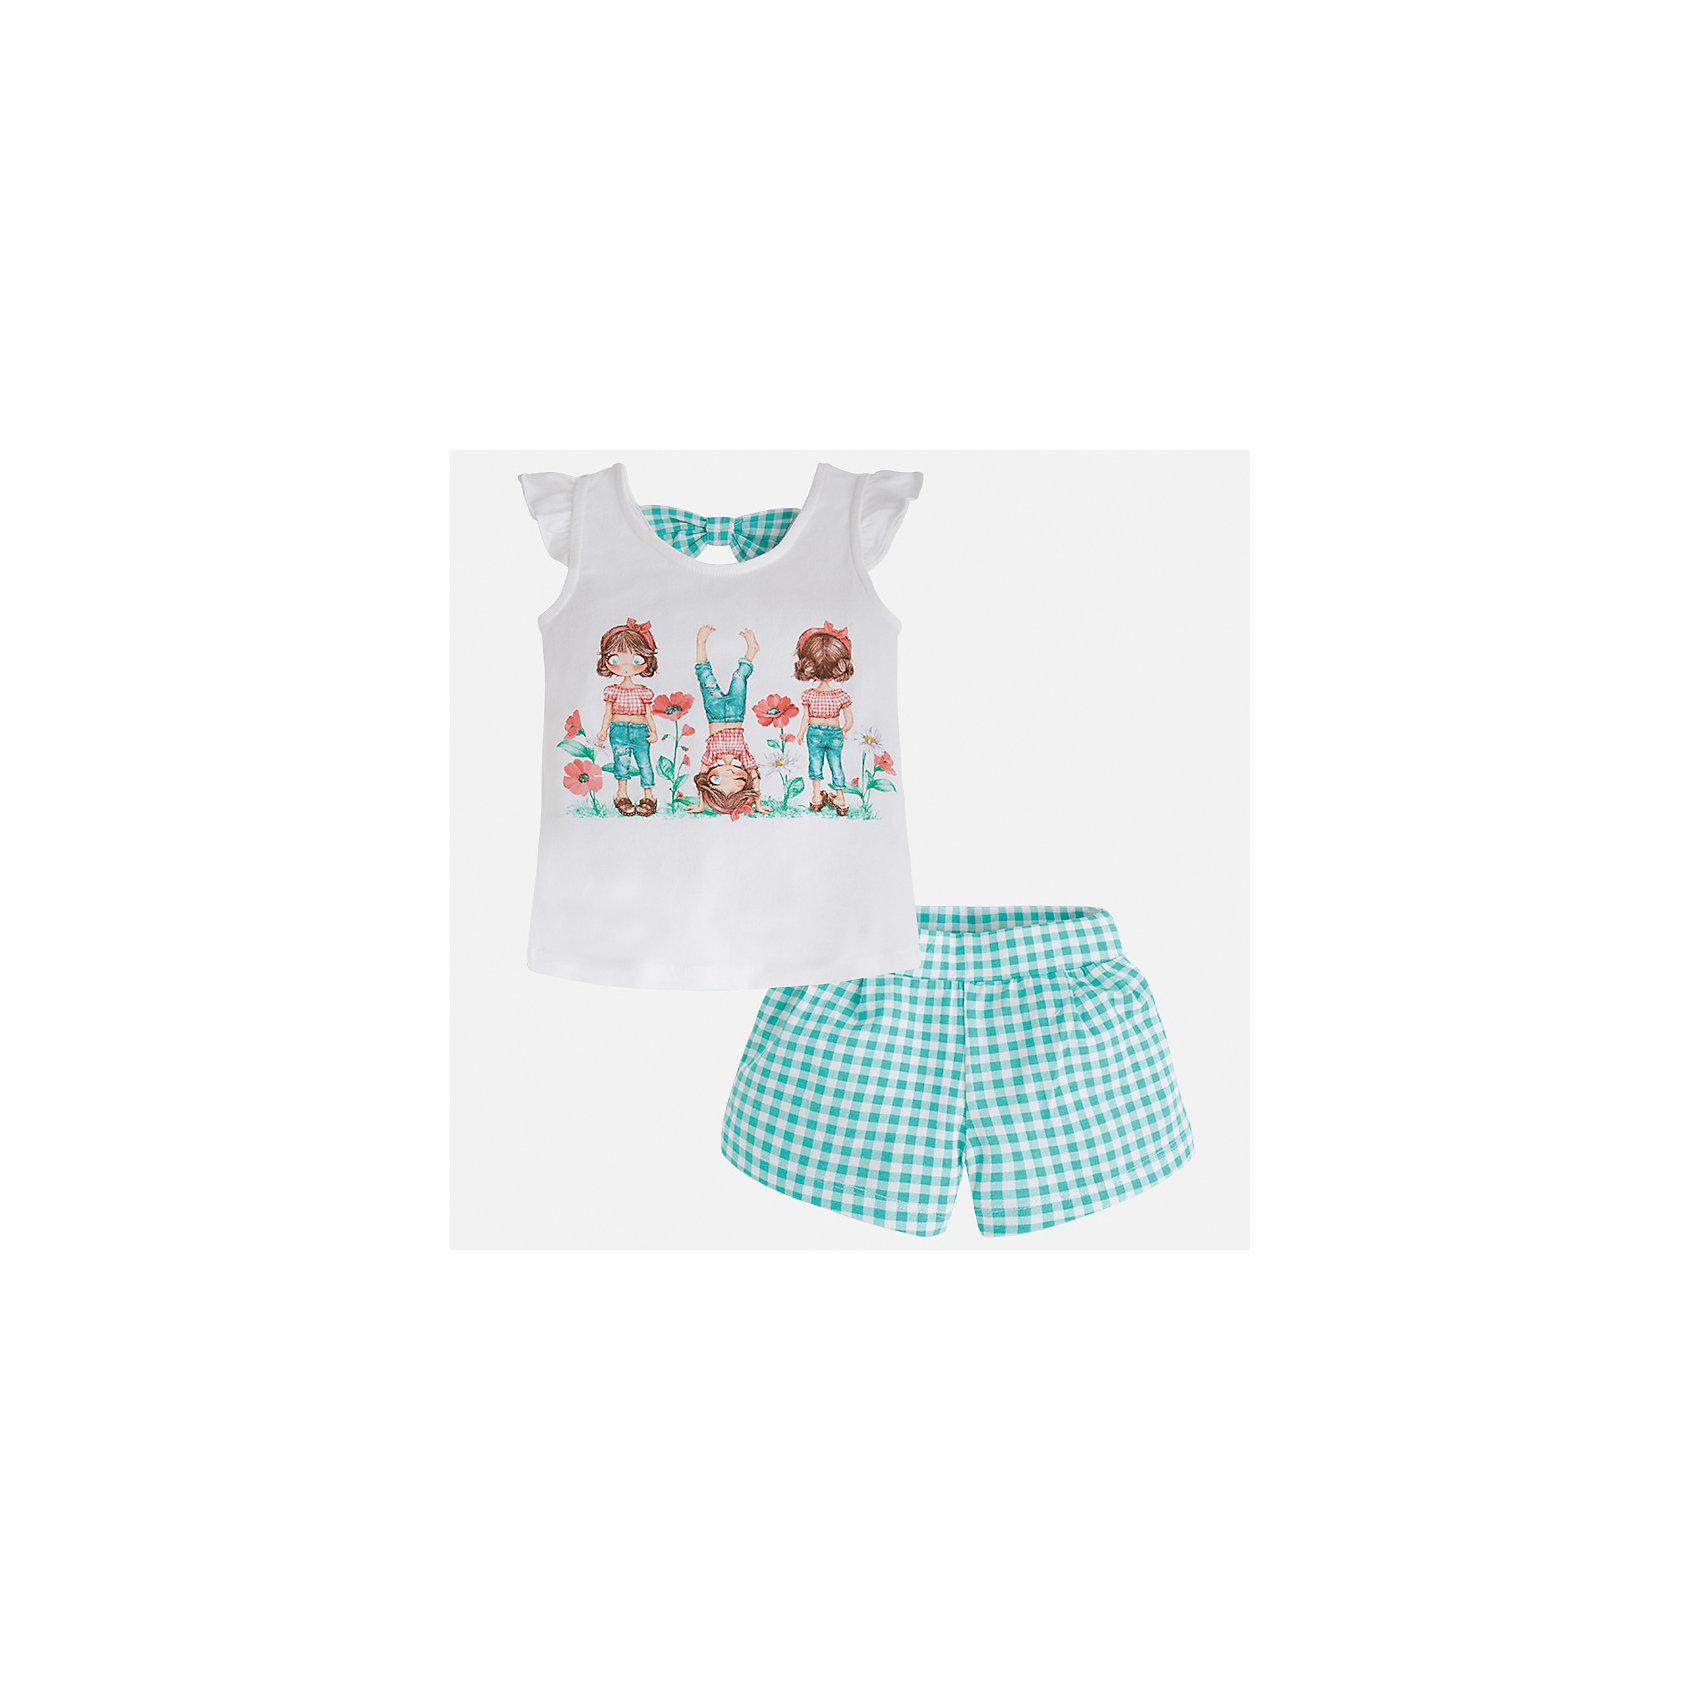 Комплект: футболка и шорты для девочки MayoralКомплекты<br>Характеристики товара:<br><br>• цвет: белый/зеленый<br>• состав: 95% хлопок, 5% эластан<br>• комплектация: футболка, шорты<br>• футболка декорирована принтом<br>• шорты в клетку<br>• пояс на резинке<br>• страна бренда: Испания<br><br>Стильный качественный комплект для девочки поможет разнообразить гардероб ребенка и удобно одеться в теплую погоду. Он отлично сочетается с другими предметами. Универсальный цвет позволяет подобрать к вещам верхнюю одежду практически любой расцветки. Интересная отделка модели делает её нарядной и оригинальной. В составе материала - натуральный хлопок, гипоаллергенный, приятный на ощупь, дышащий.<br><br>Одежда, обувь и аксессуары от испанского бренда Mayoral полюбились детям и взрослым по всему миру. Модели этой марки - стильные и удобные. Для их производства используются только безопасные, качественные материалы и фурнитура. Порадуйте ребенка модными и красивыми вещами от Mayoral! <br><br>Комплект для девочки от испанского бренда Mayoral (Майорал) можно купить в нашем интернет-магазине.<br><br>Ширина мм: 191<br>Глубина мм: 10<br>Высота мм: 175<br>Вес г: 273<br>Цвет: синий<br>Возраст от месяцев: 24<br>Возраст до месяцев: 36<br>Пол: Женский<br>Возраст: Детский<br>Размер: 98,134,92,104,110,116,122,128<br>SKU: 5289848